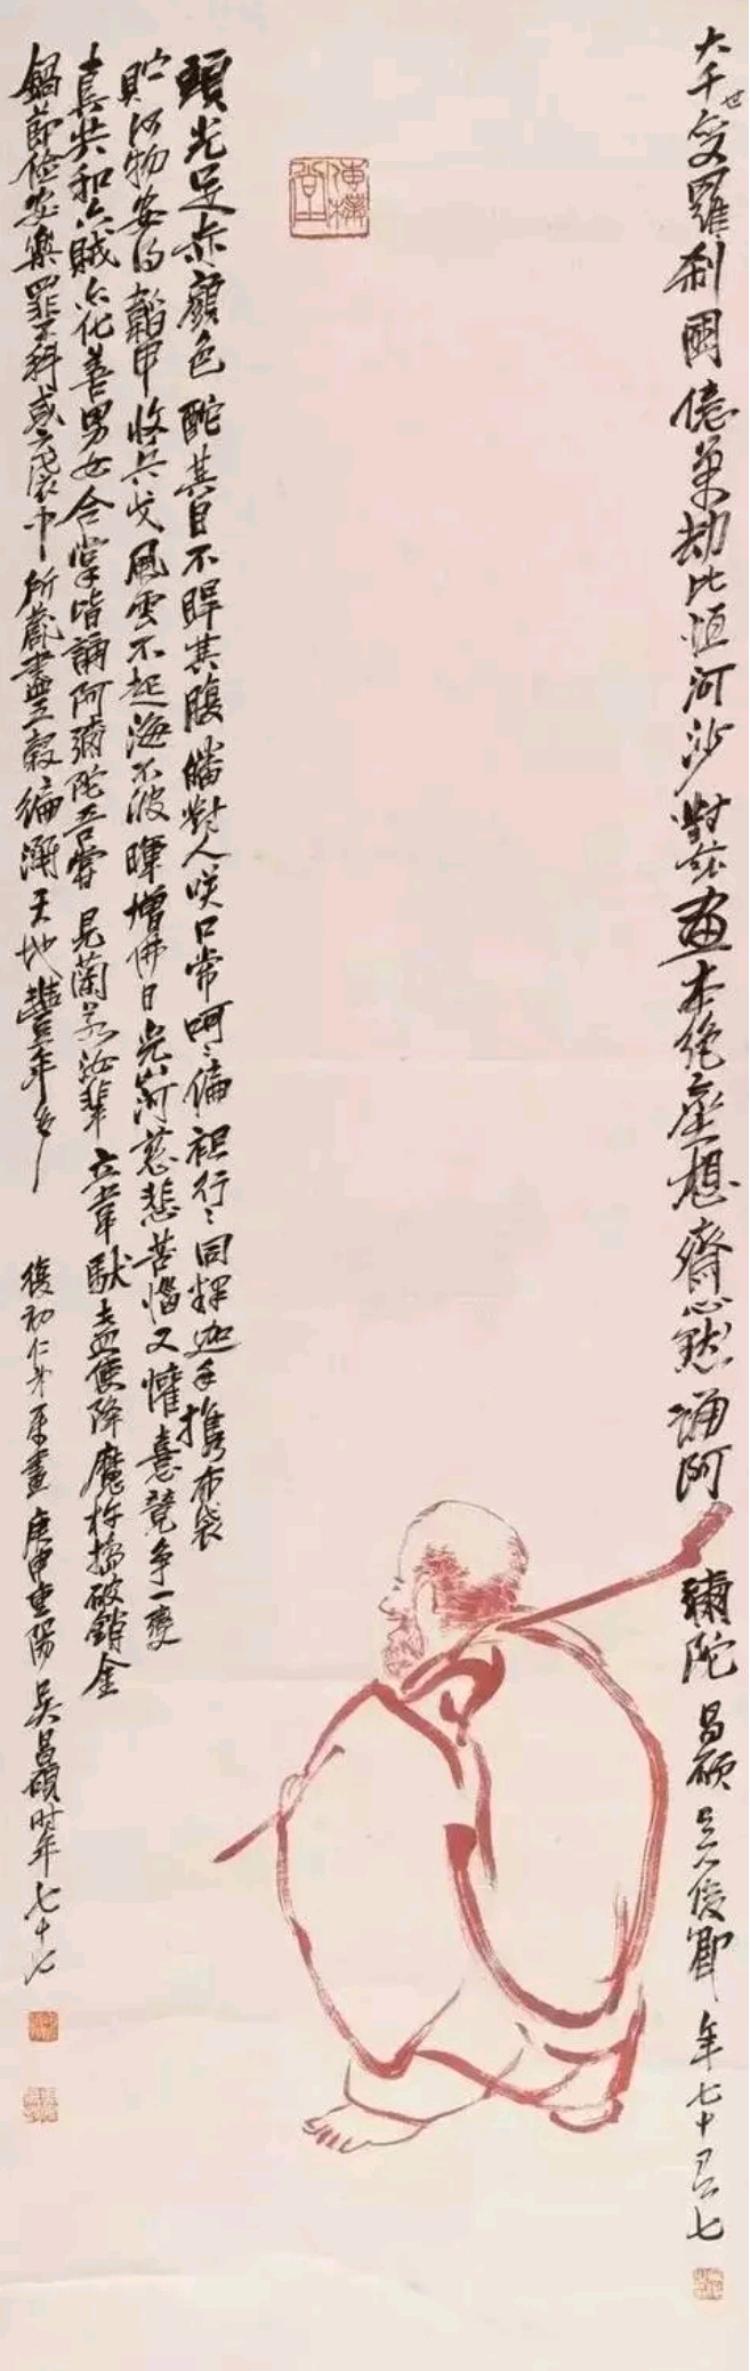 吴昌硕 人物画佛像罗汉图敬赏